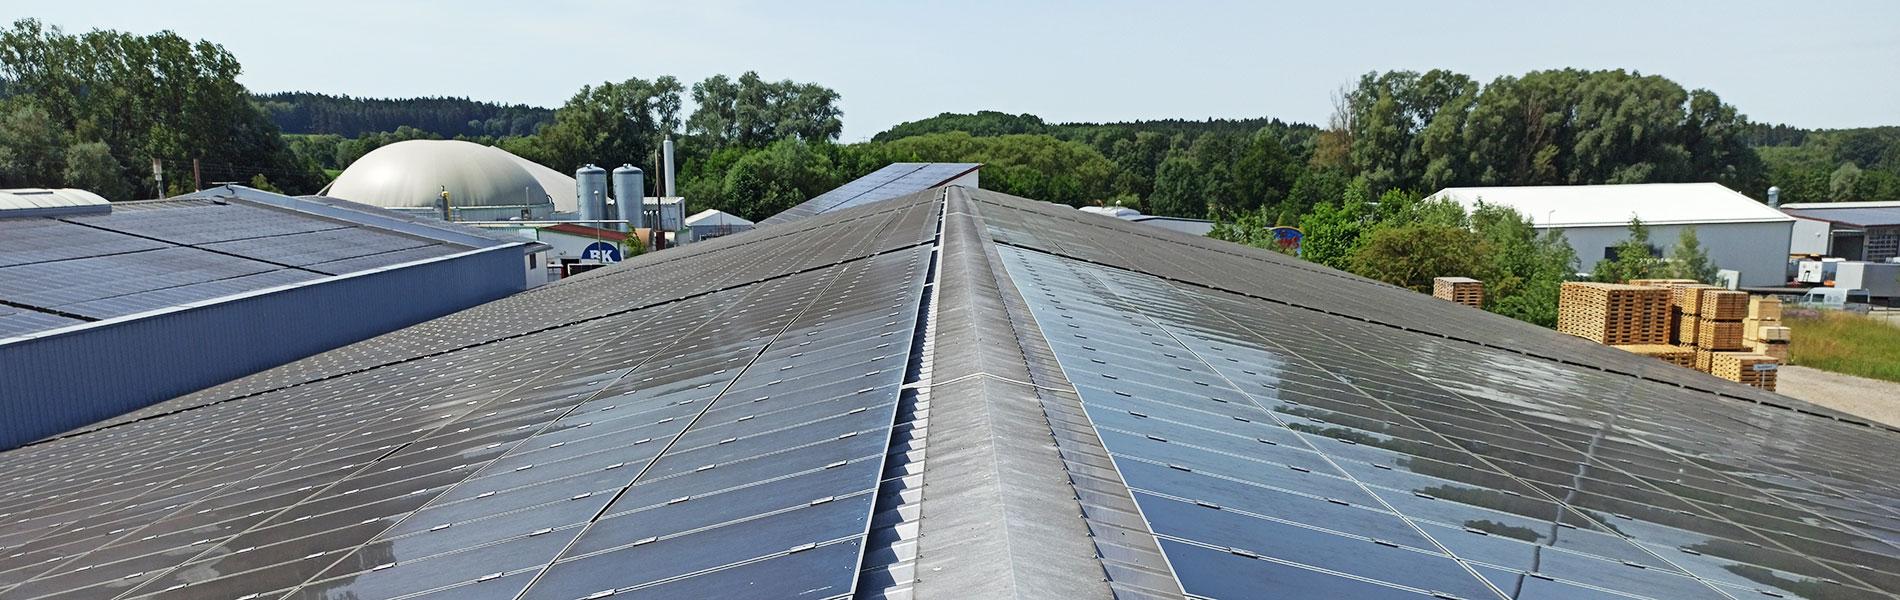 Energiegewinnung auf dem Dach der Kurz Paletten GmbH